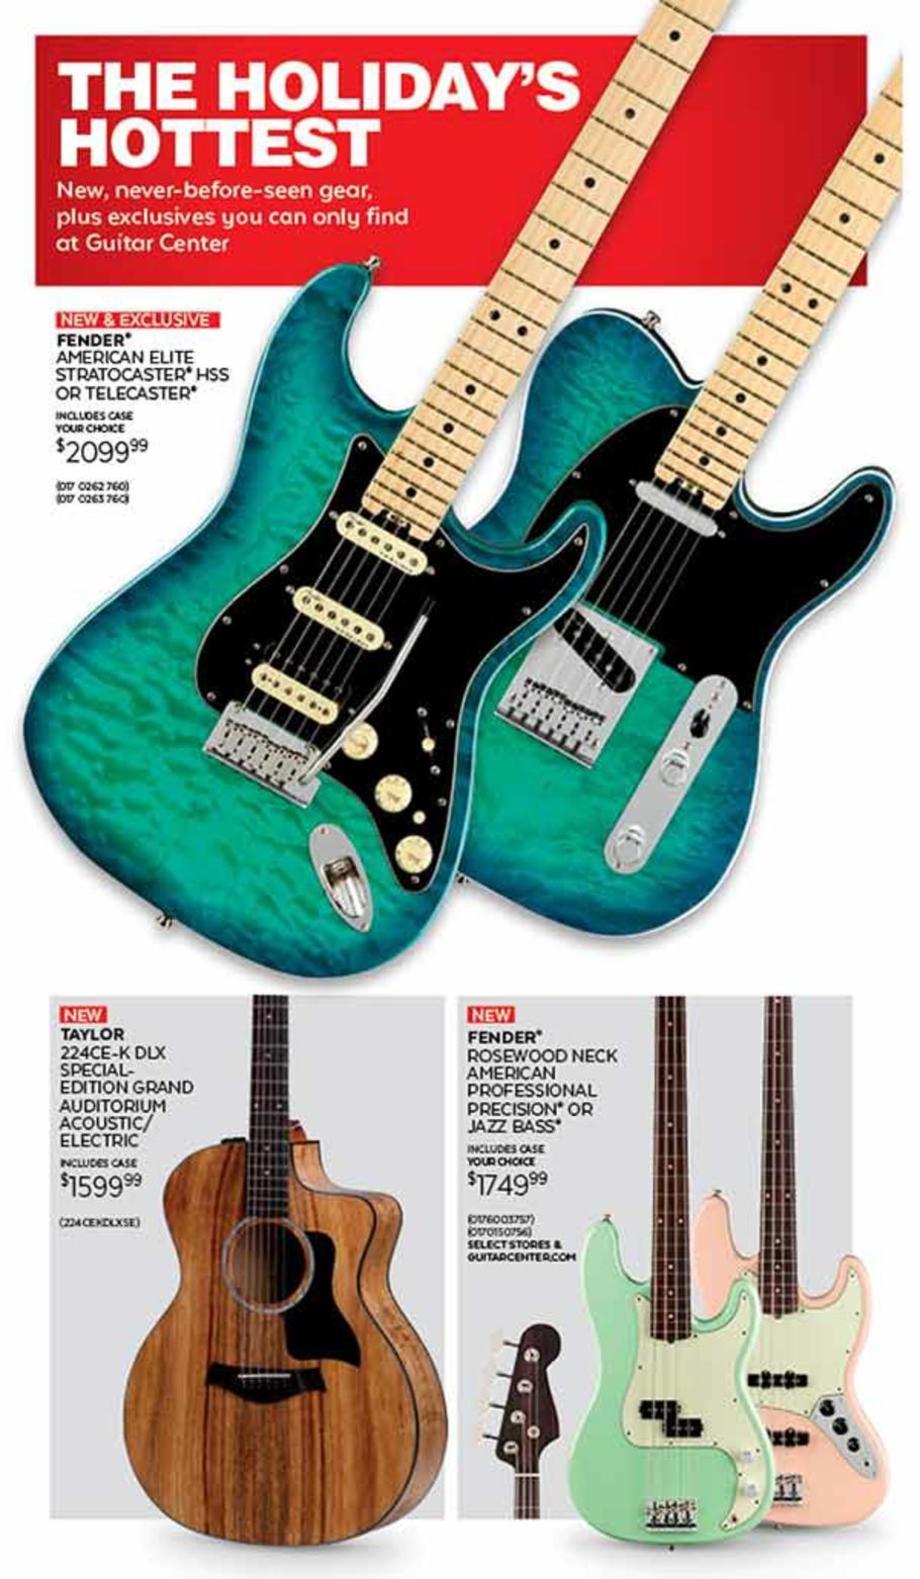 black friday guitar center deals. Black Bedroom Furniture Sets. Home Design Ideas